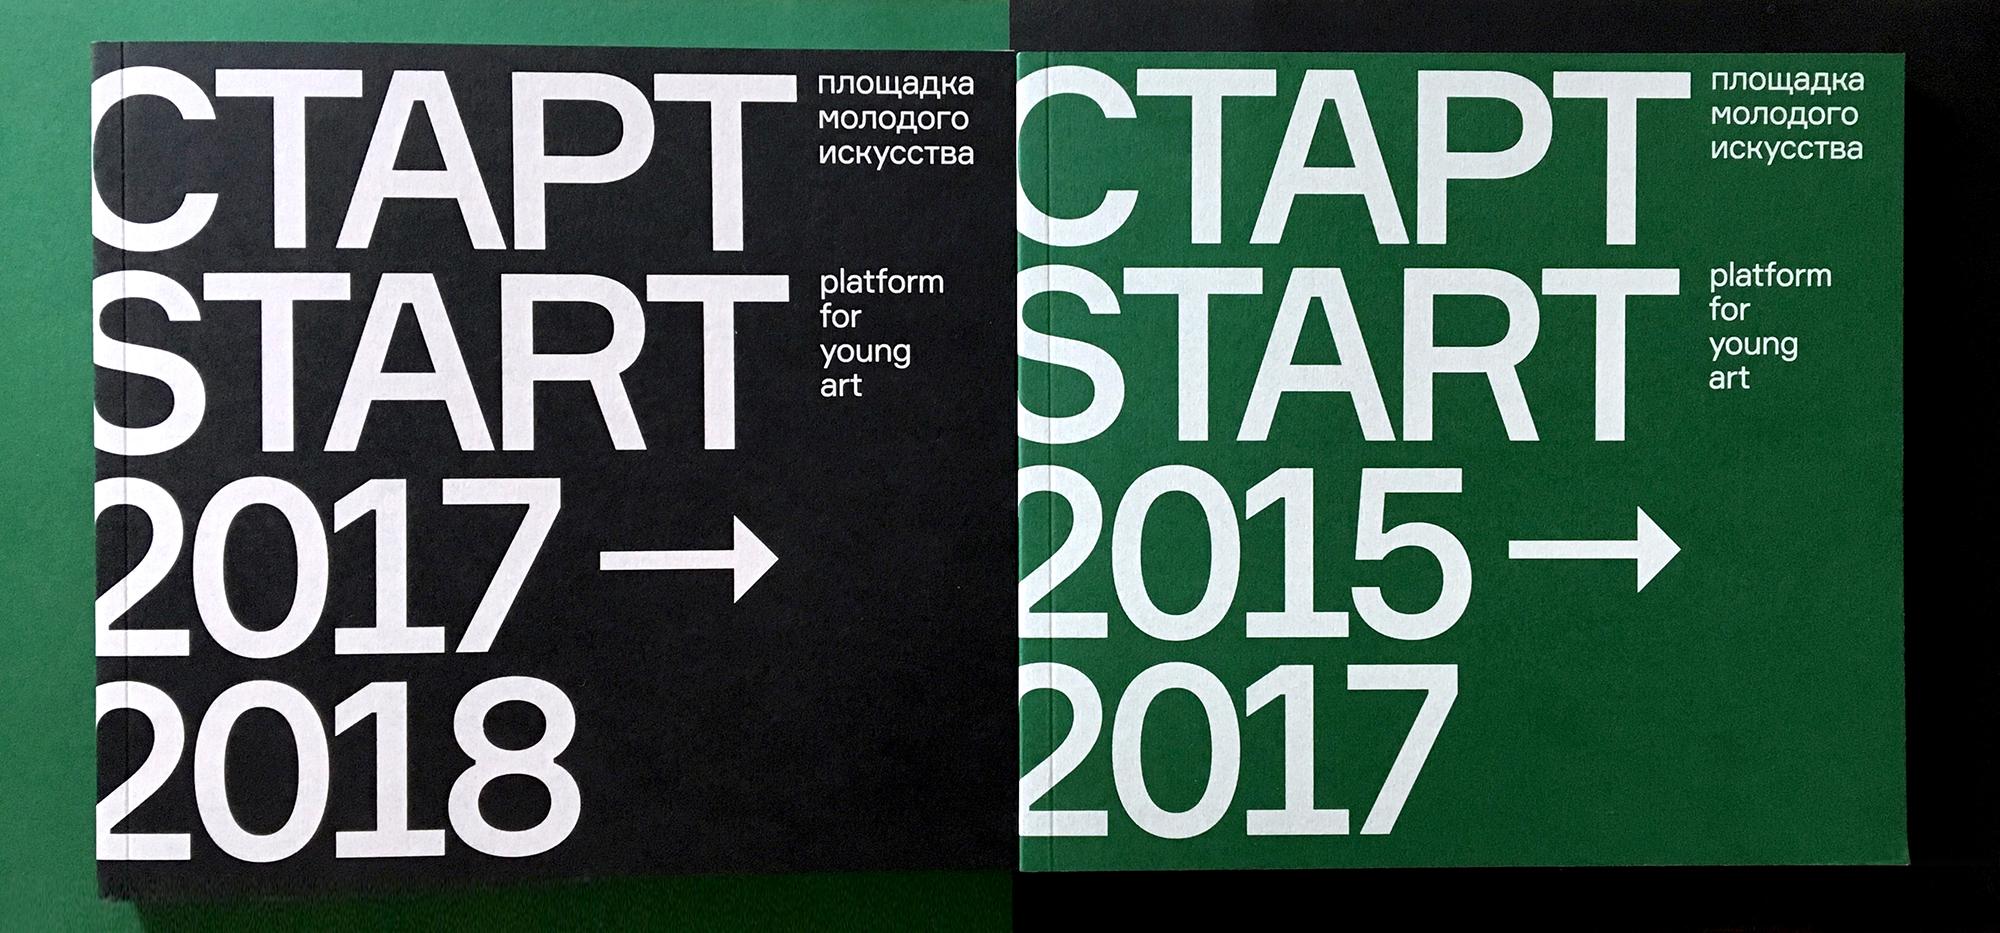 aga_start_IMG_3701